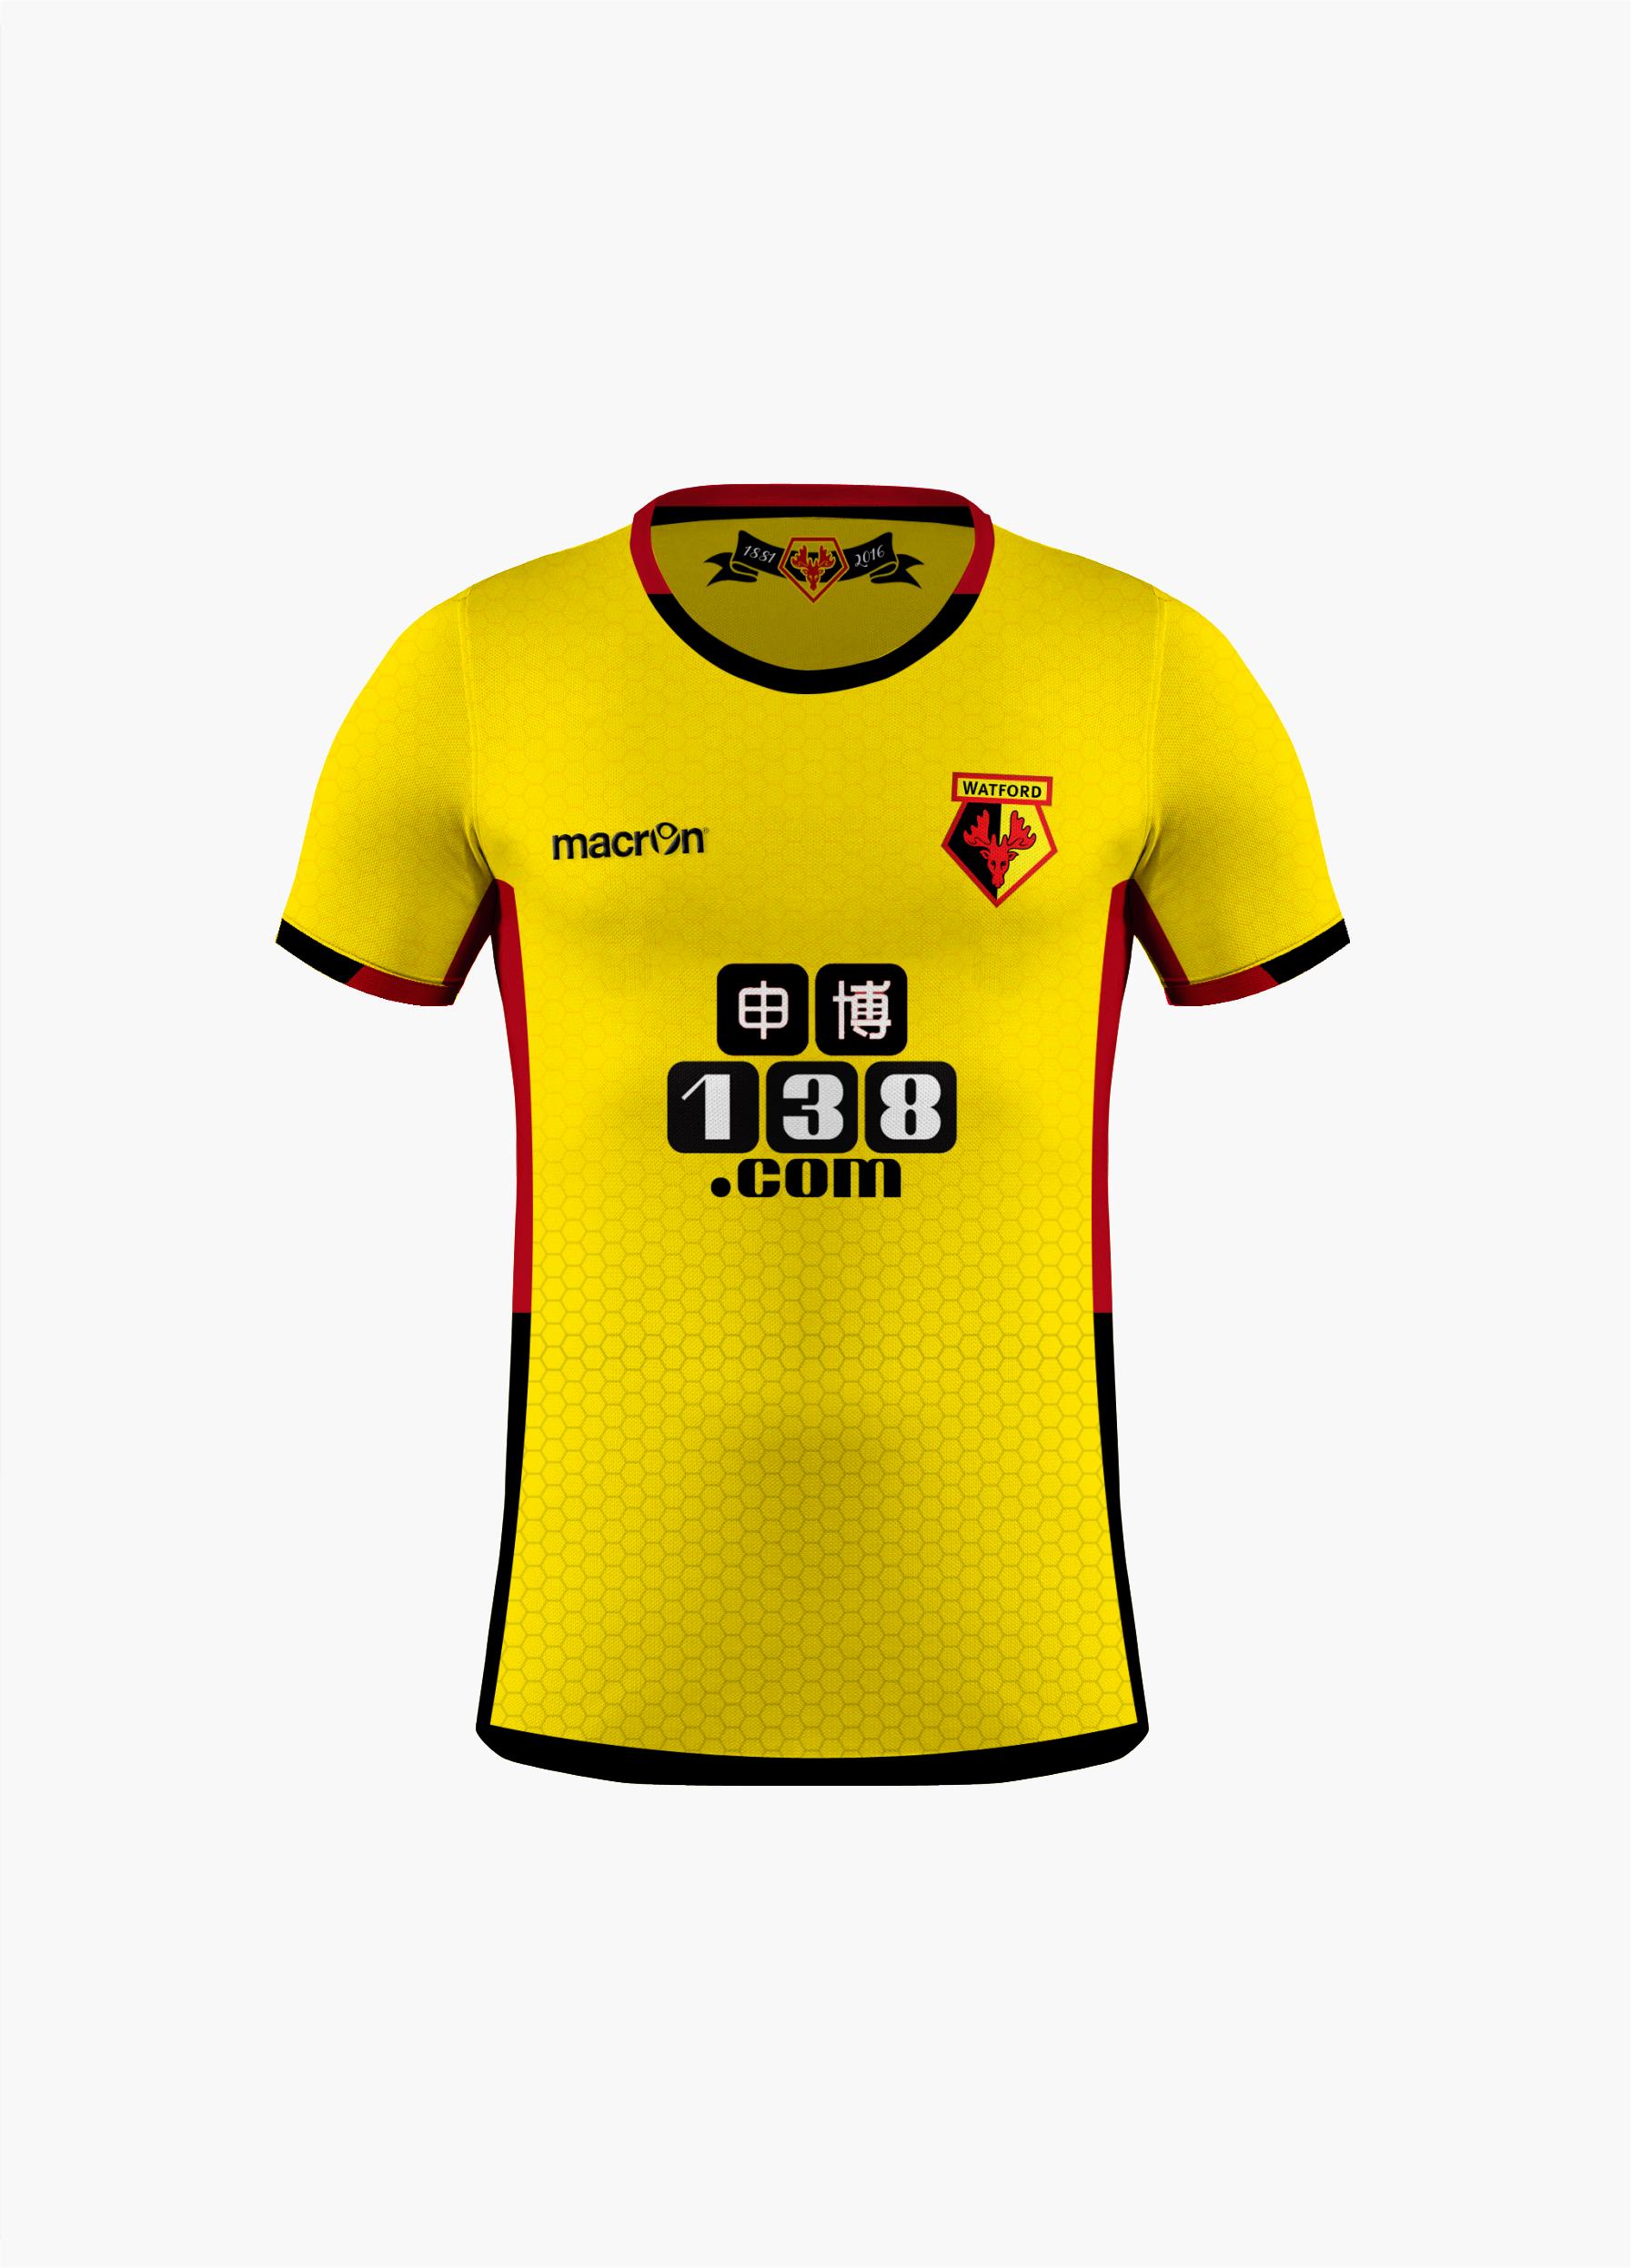 Watford FC - Macron Home Kit - Watford Fc PNG